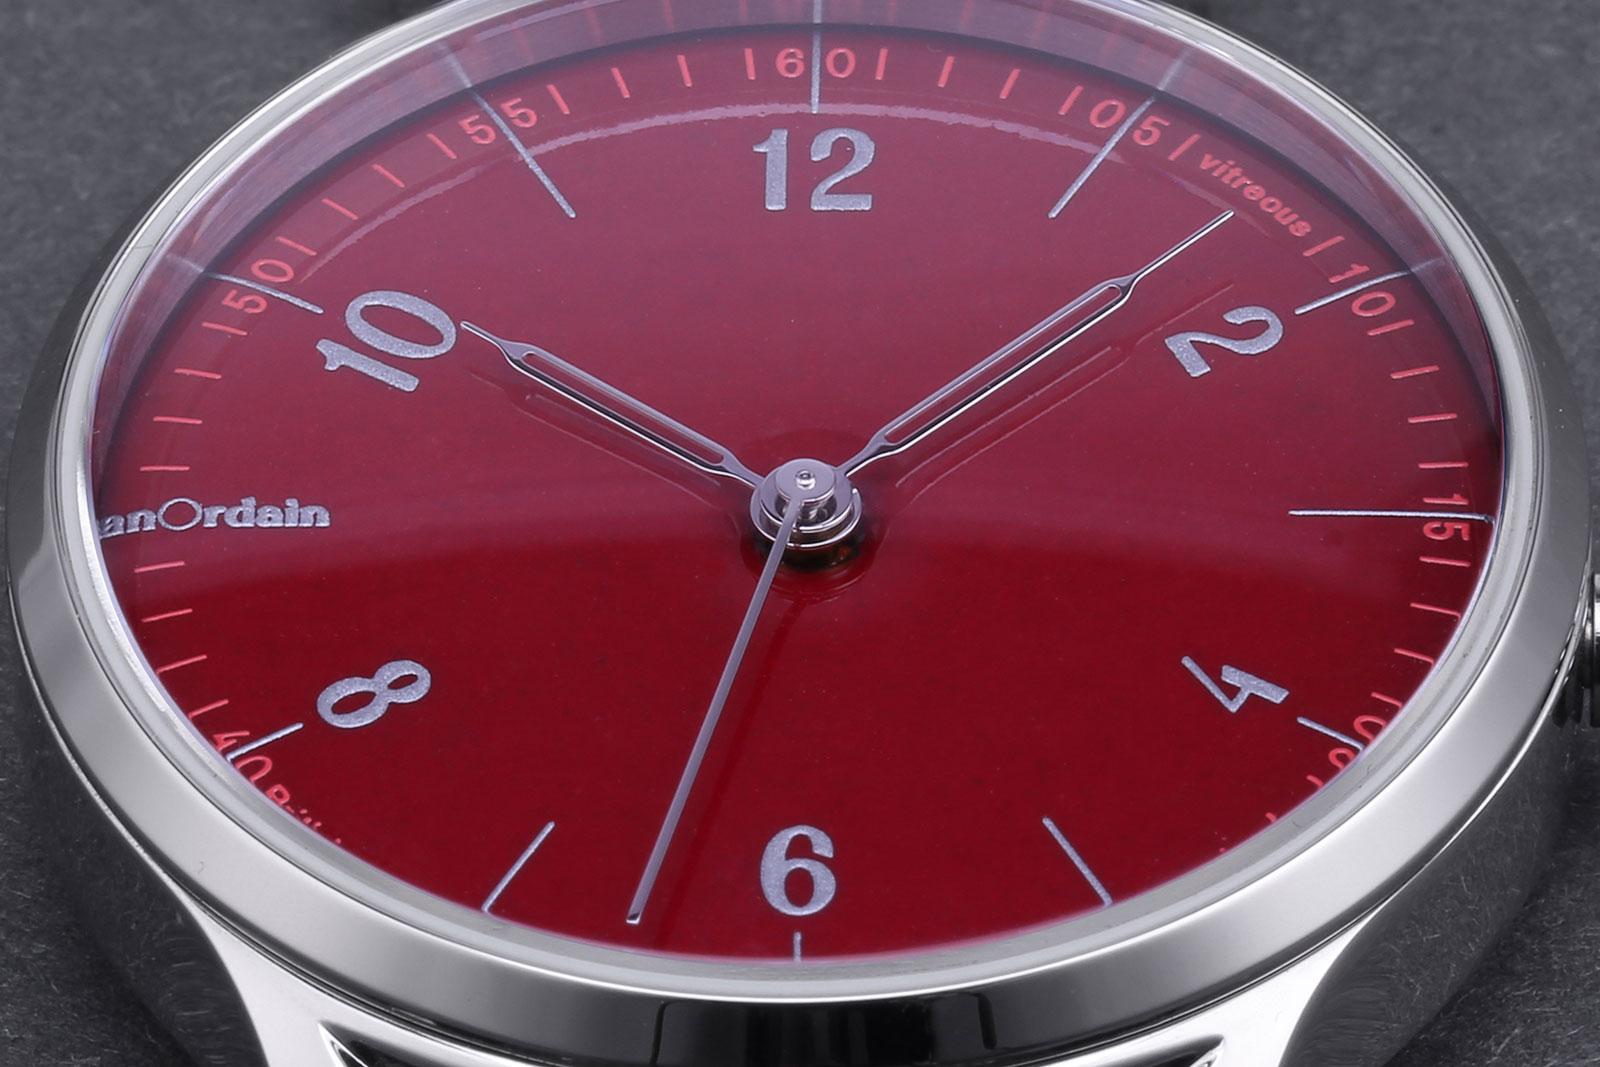 Anordain Model 1 enamel dial watch 7